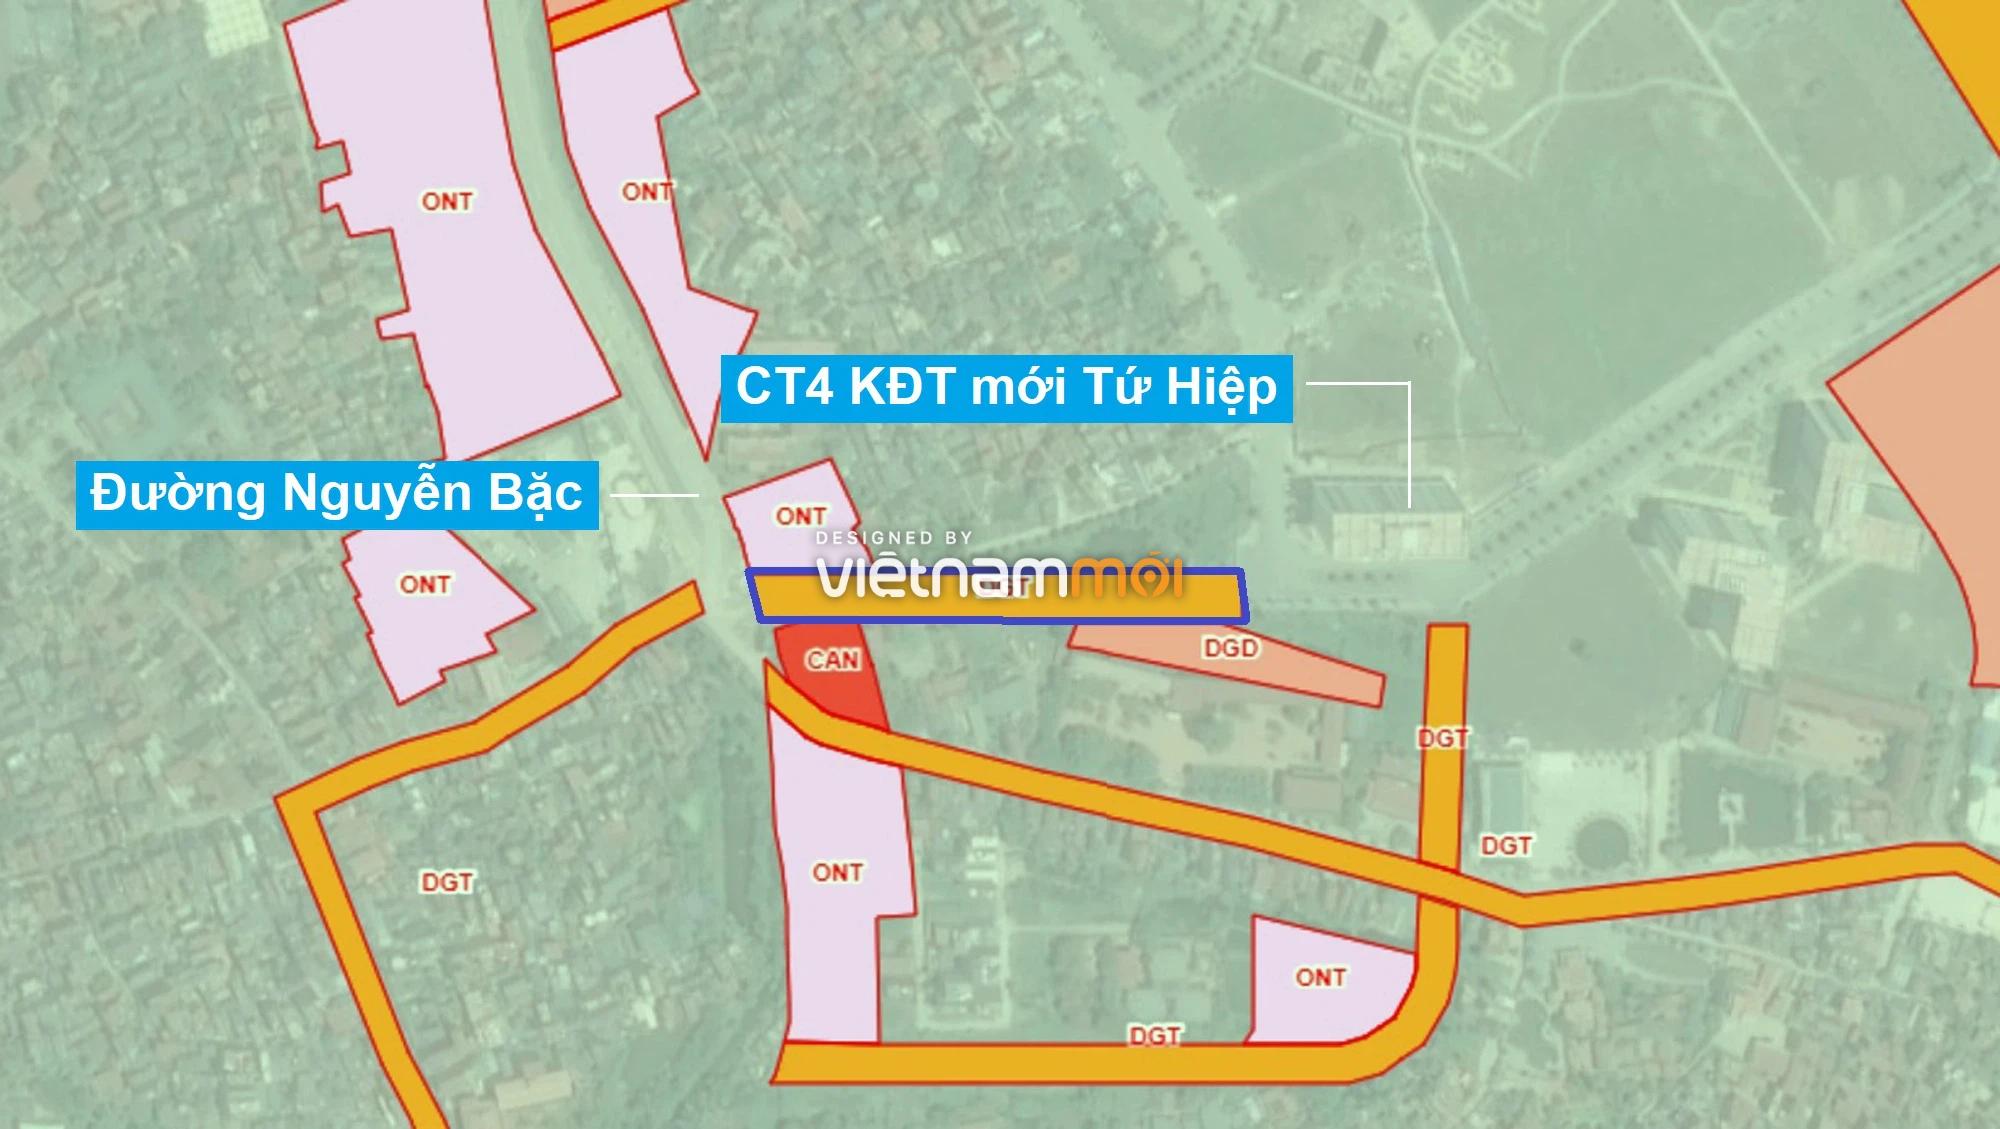 Những khu đất sắp thu hồi để mở đường ở xã Tứ Hiệp, Thanh Trì, Hà Nội (phần 1) - Ảnh 9.